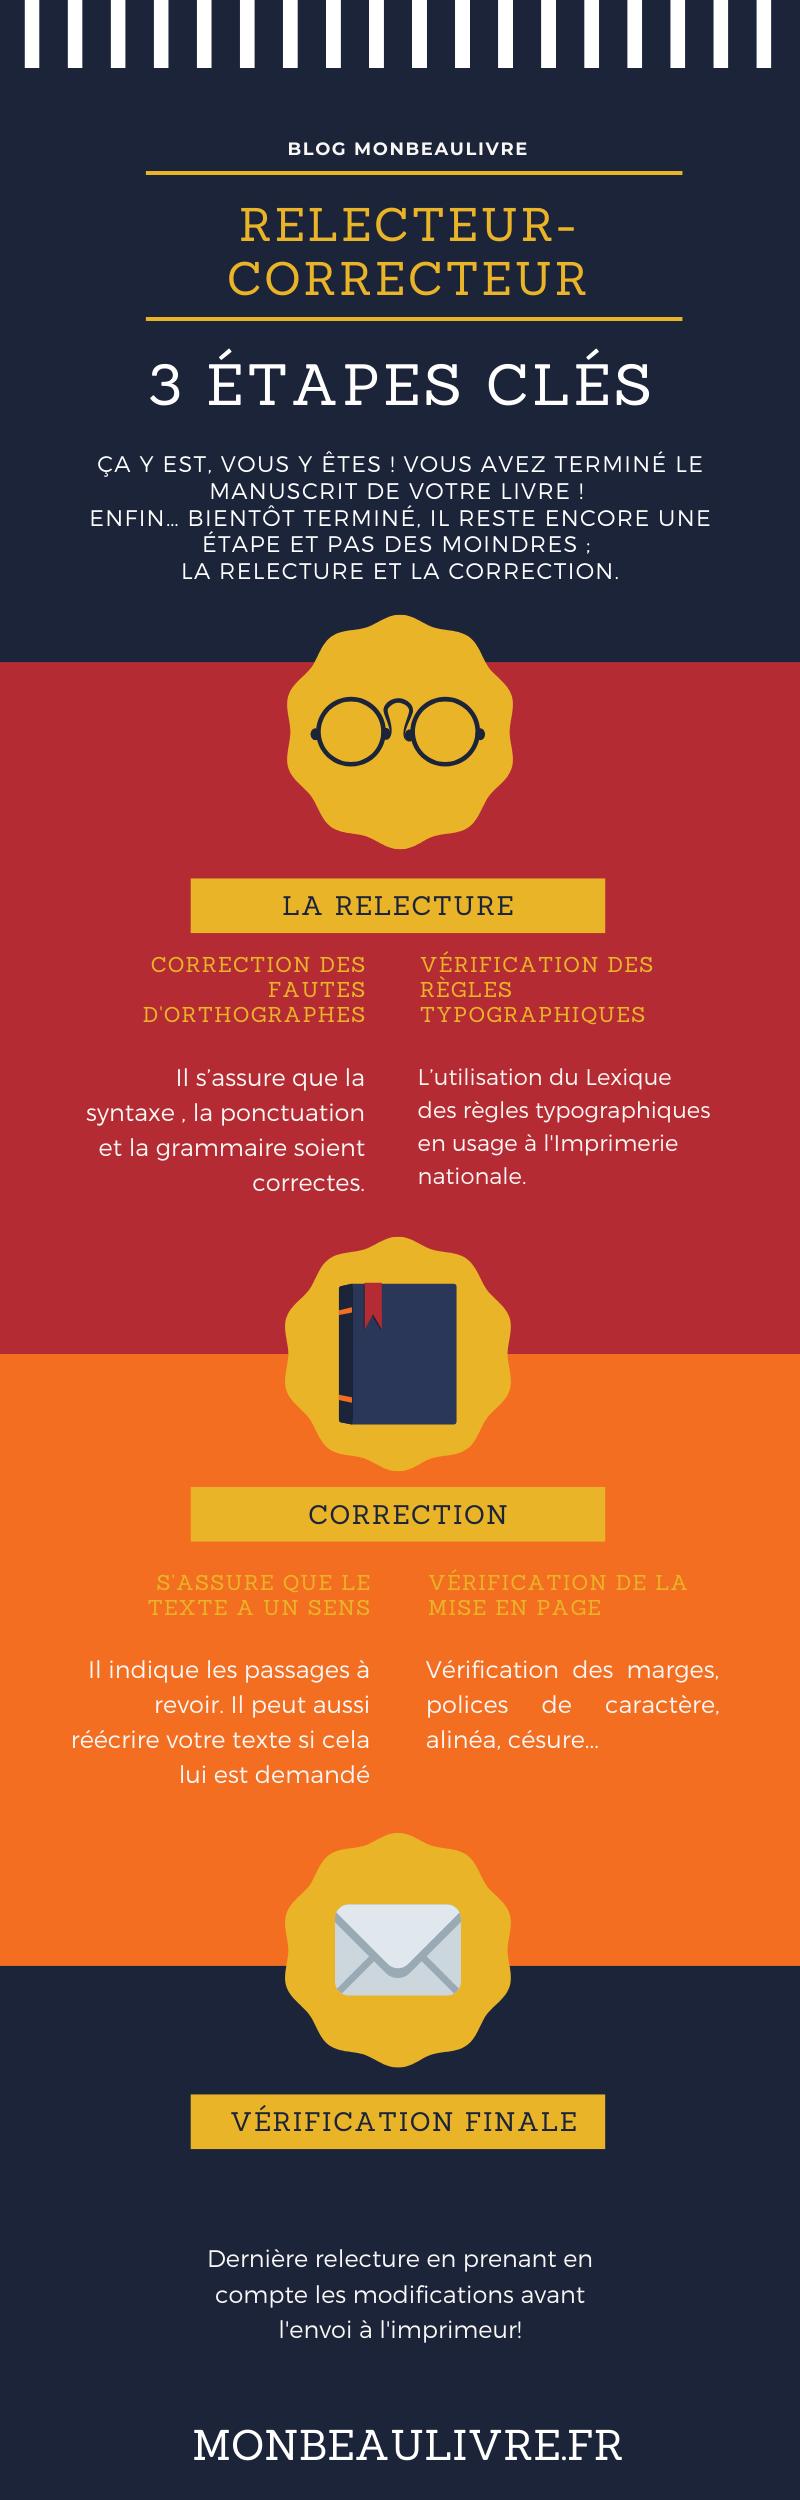 infographic relecteur correcteur